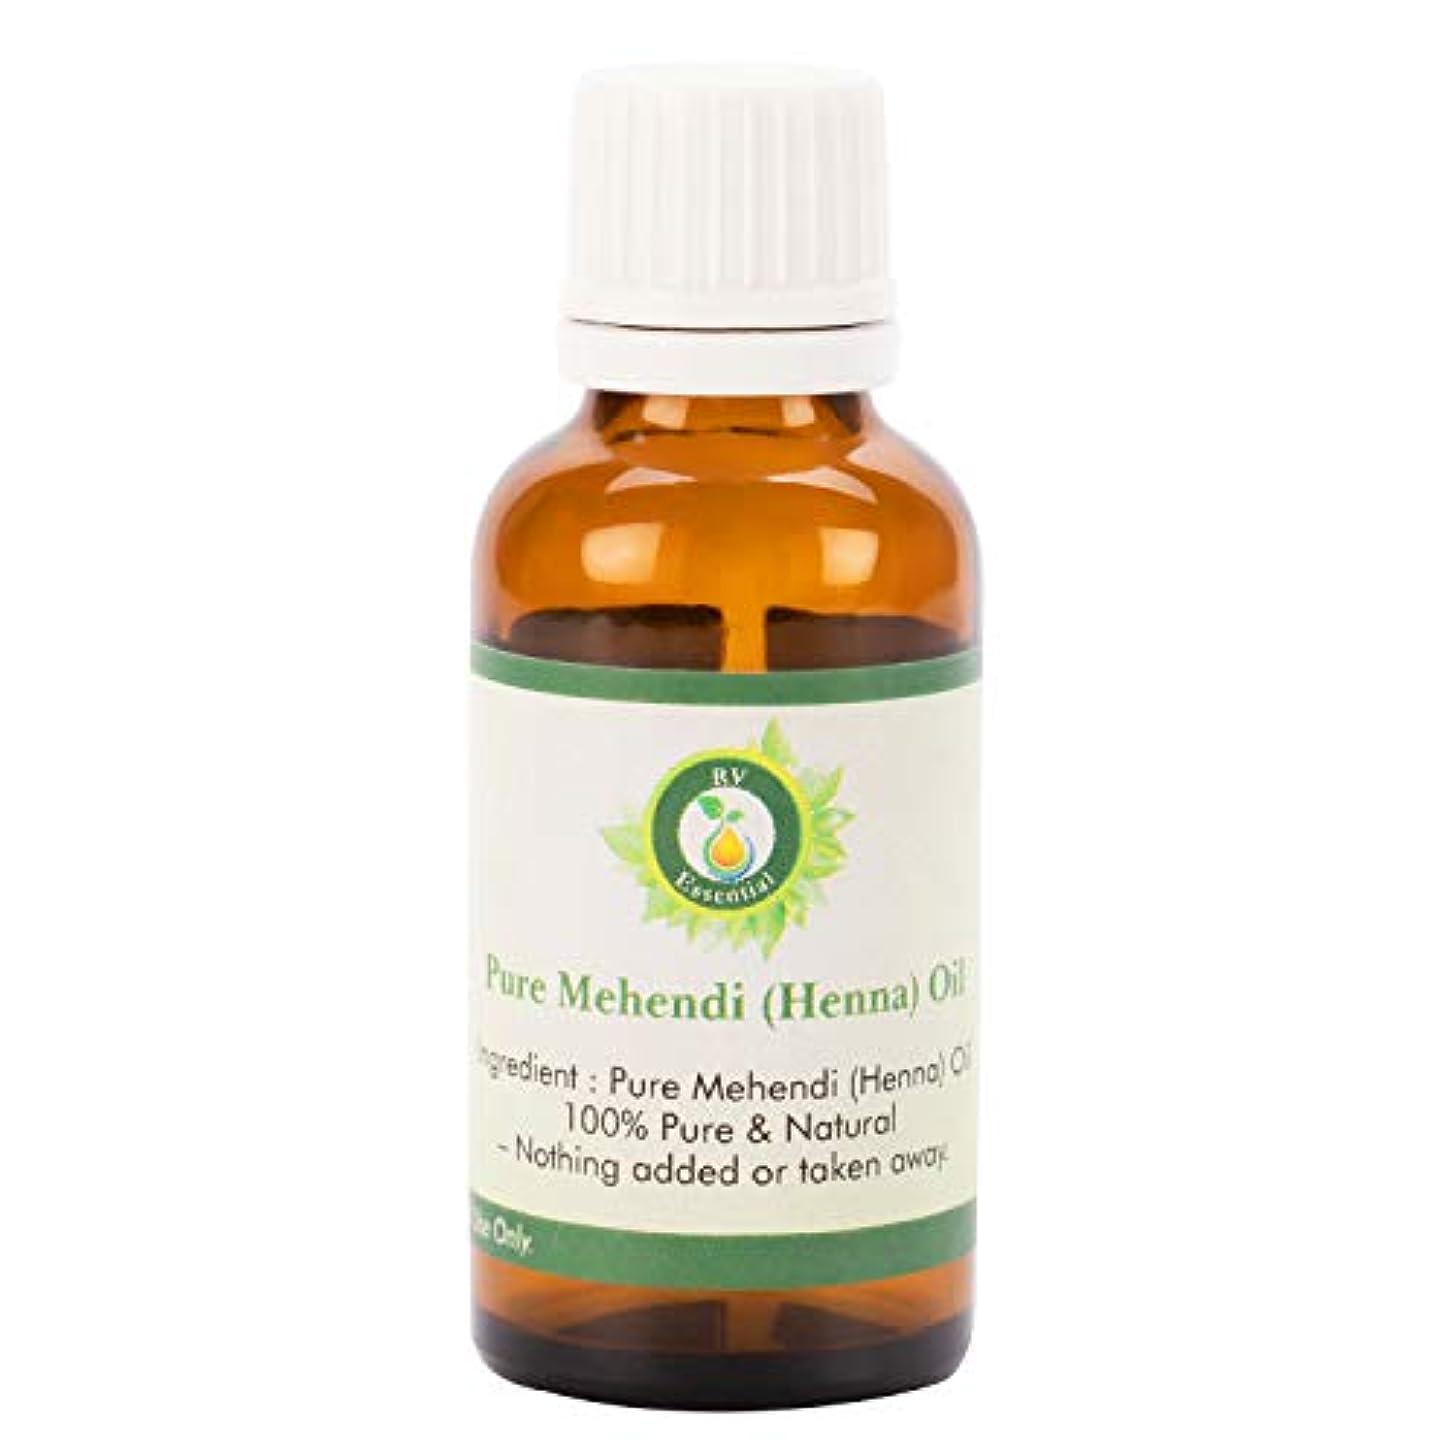 名義で直径インペリアルピュアMehendi(ヘナ)オイル100ml (3.38oz)- (100%純粋でナチュラル) Pure Mehendi (Henna) Oil